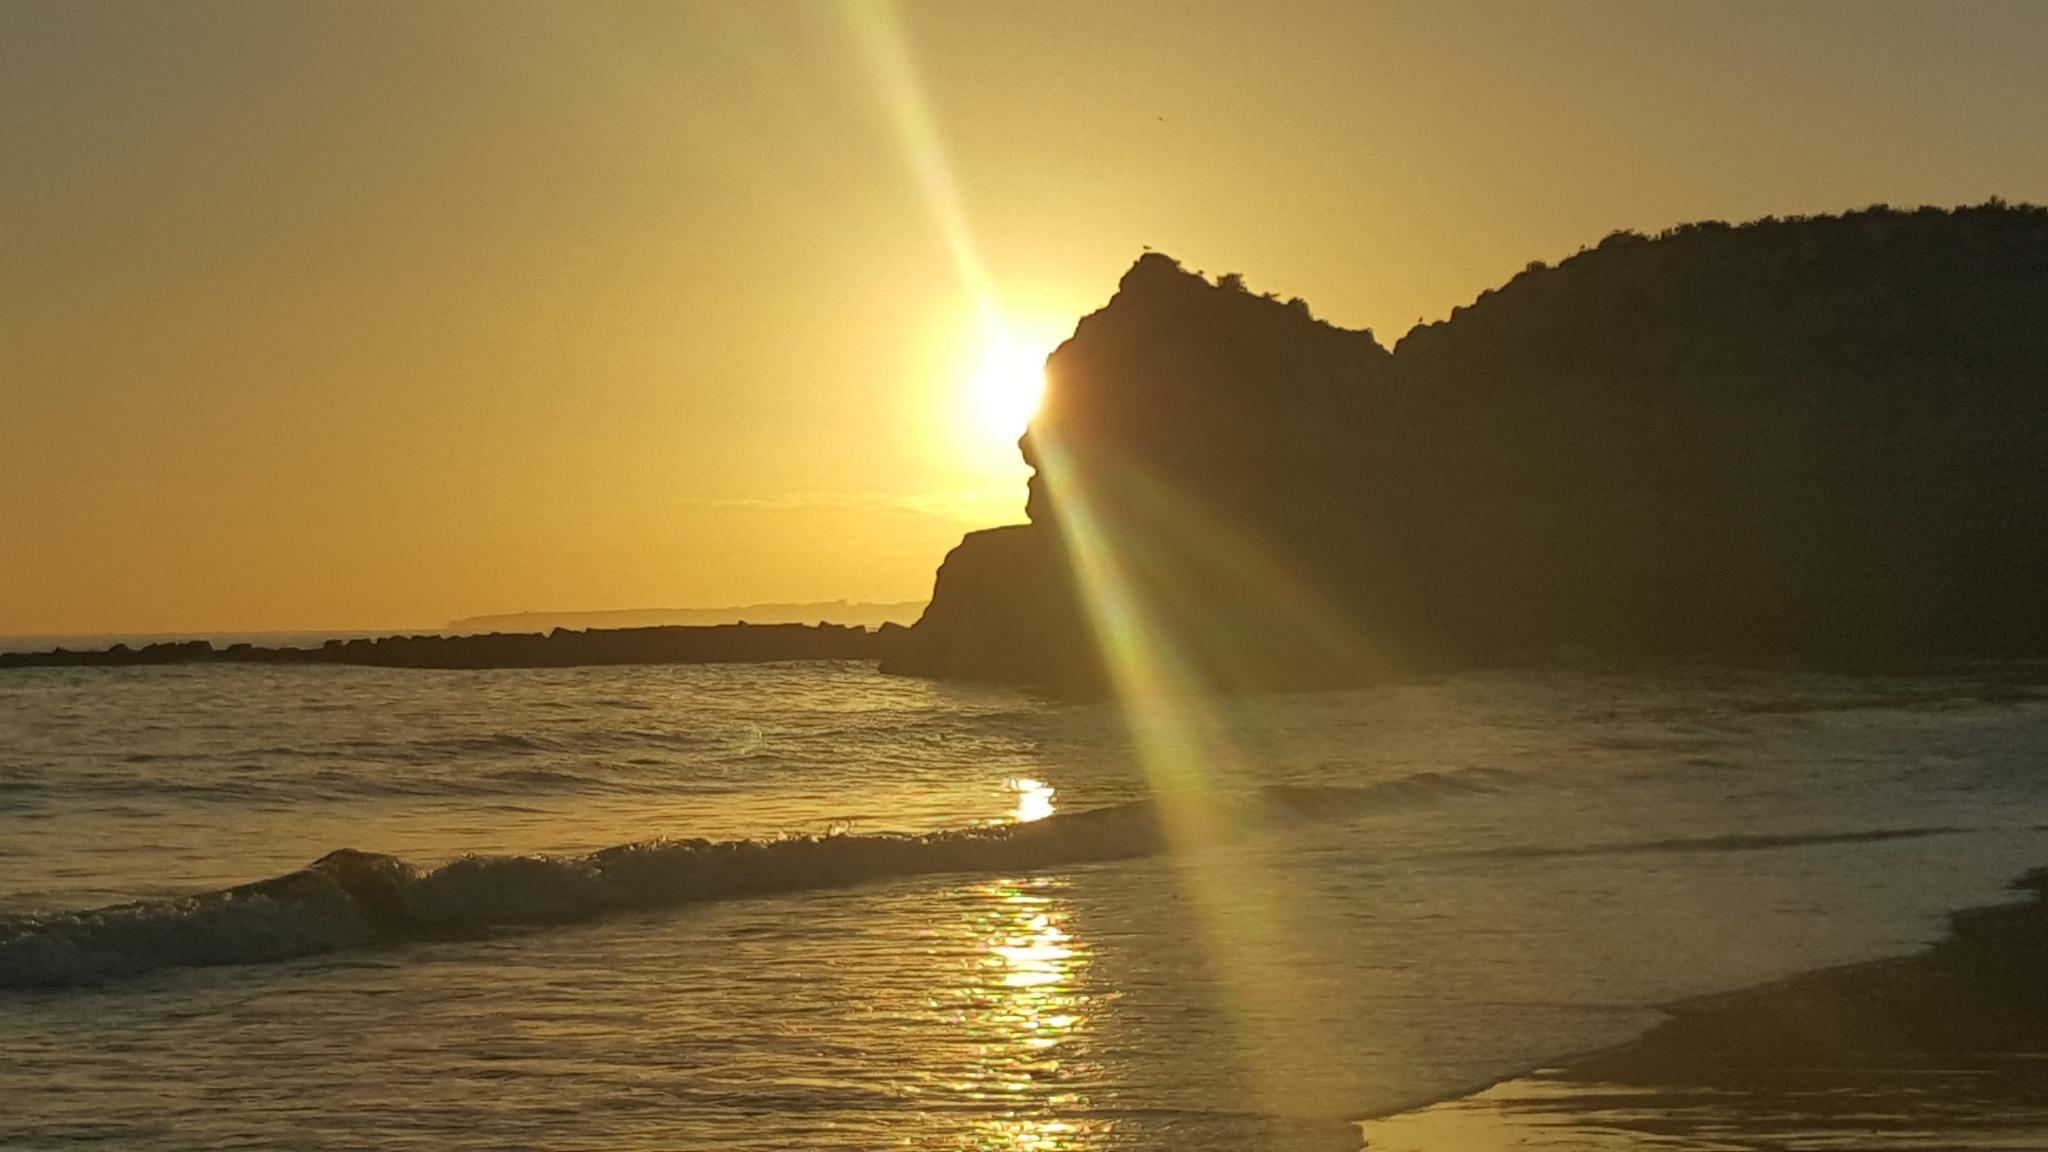 Sunset by steve.eden1